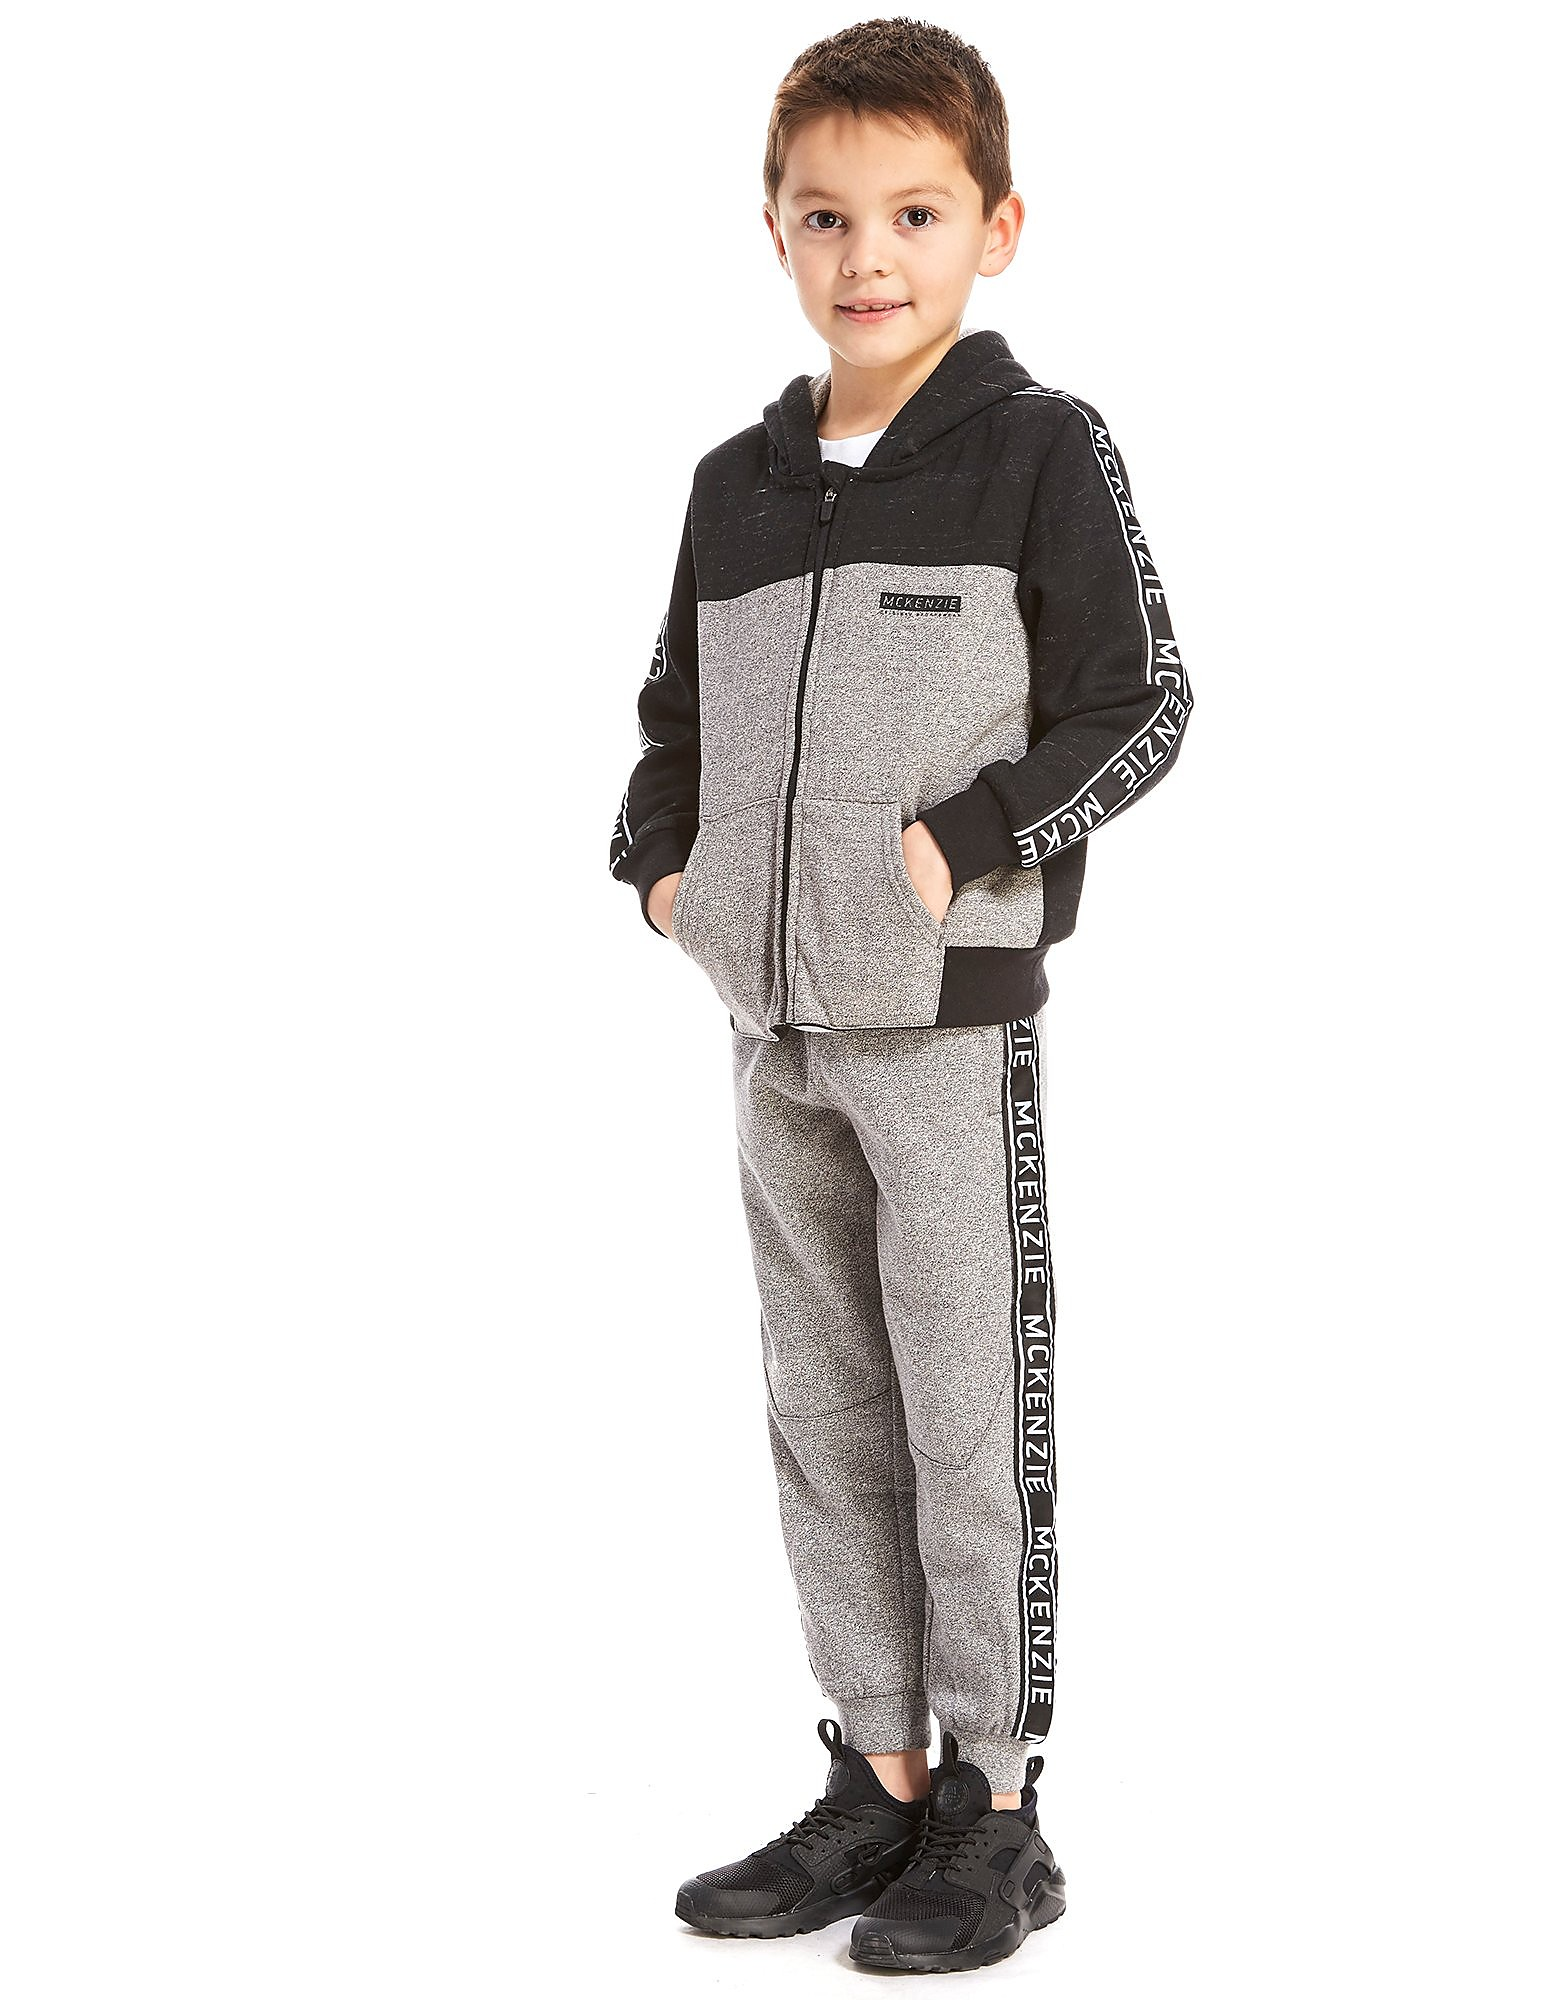 McKenzie Benson Full Zip Suit Children